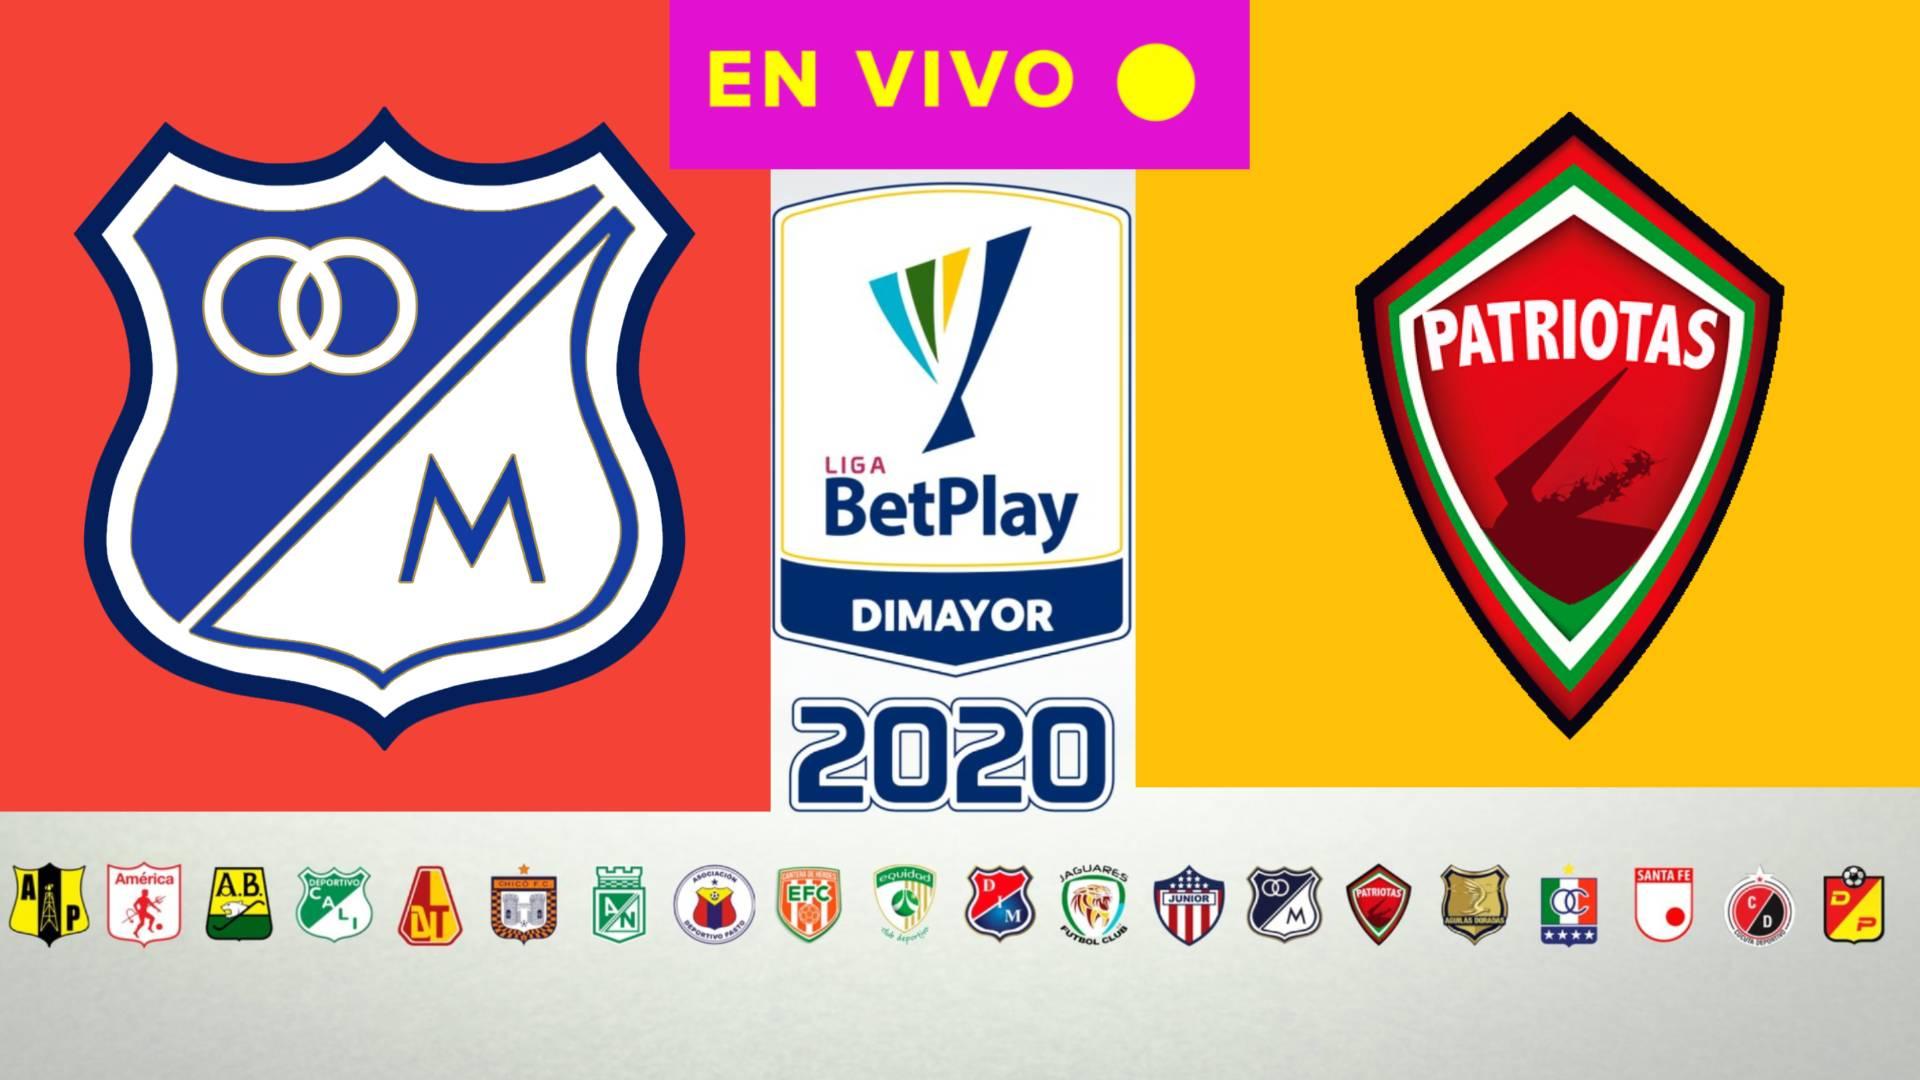 EN VIVO LIGA BETPLAY 2020 | ¿Qué canal de televisión transmite Millonarios vs Patriotas Boyacá